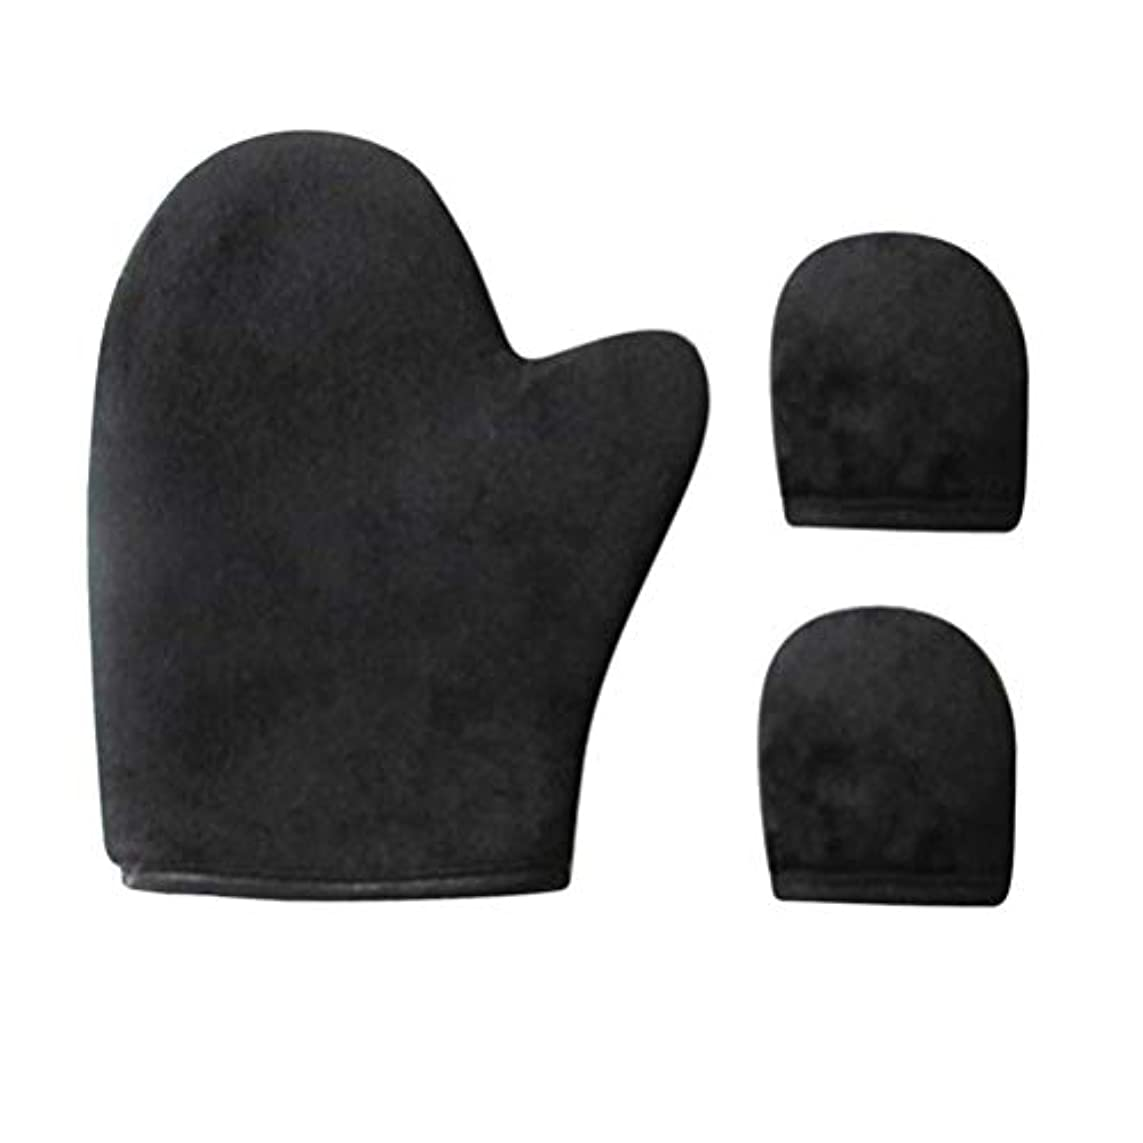 はっきりしないアリ半ばHealifty 化粧用途オイルSPA日焼け止め手袋スポンジサン日焼け親指スーツ用女の子女性レディース3PCS(ブラック)